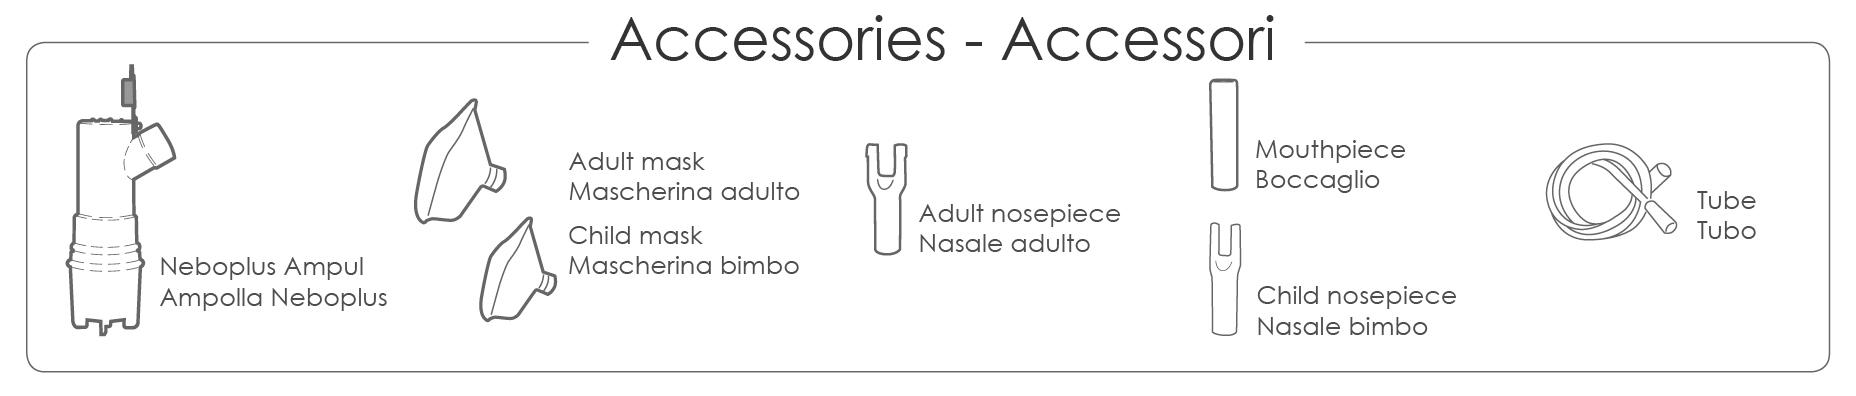 accessori5.jpg